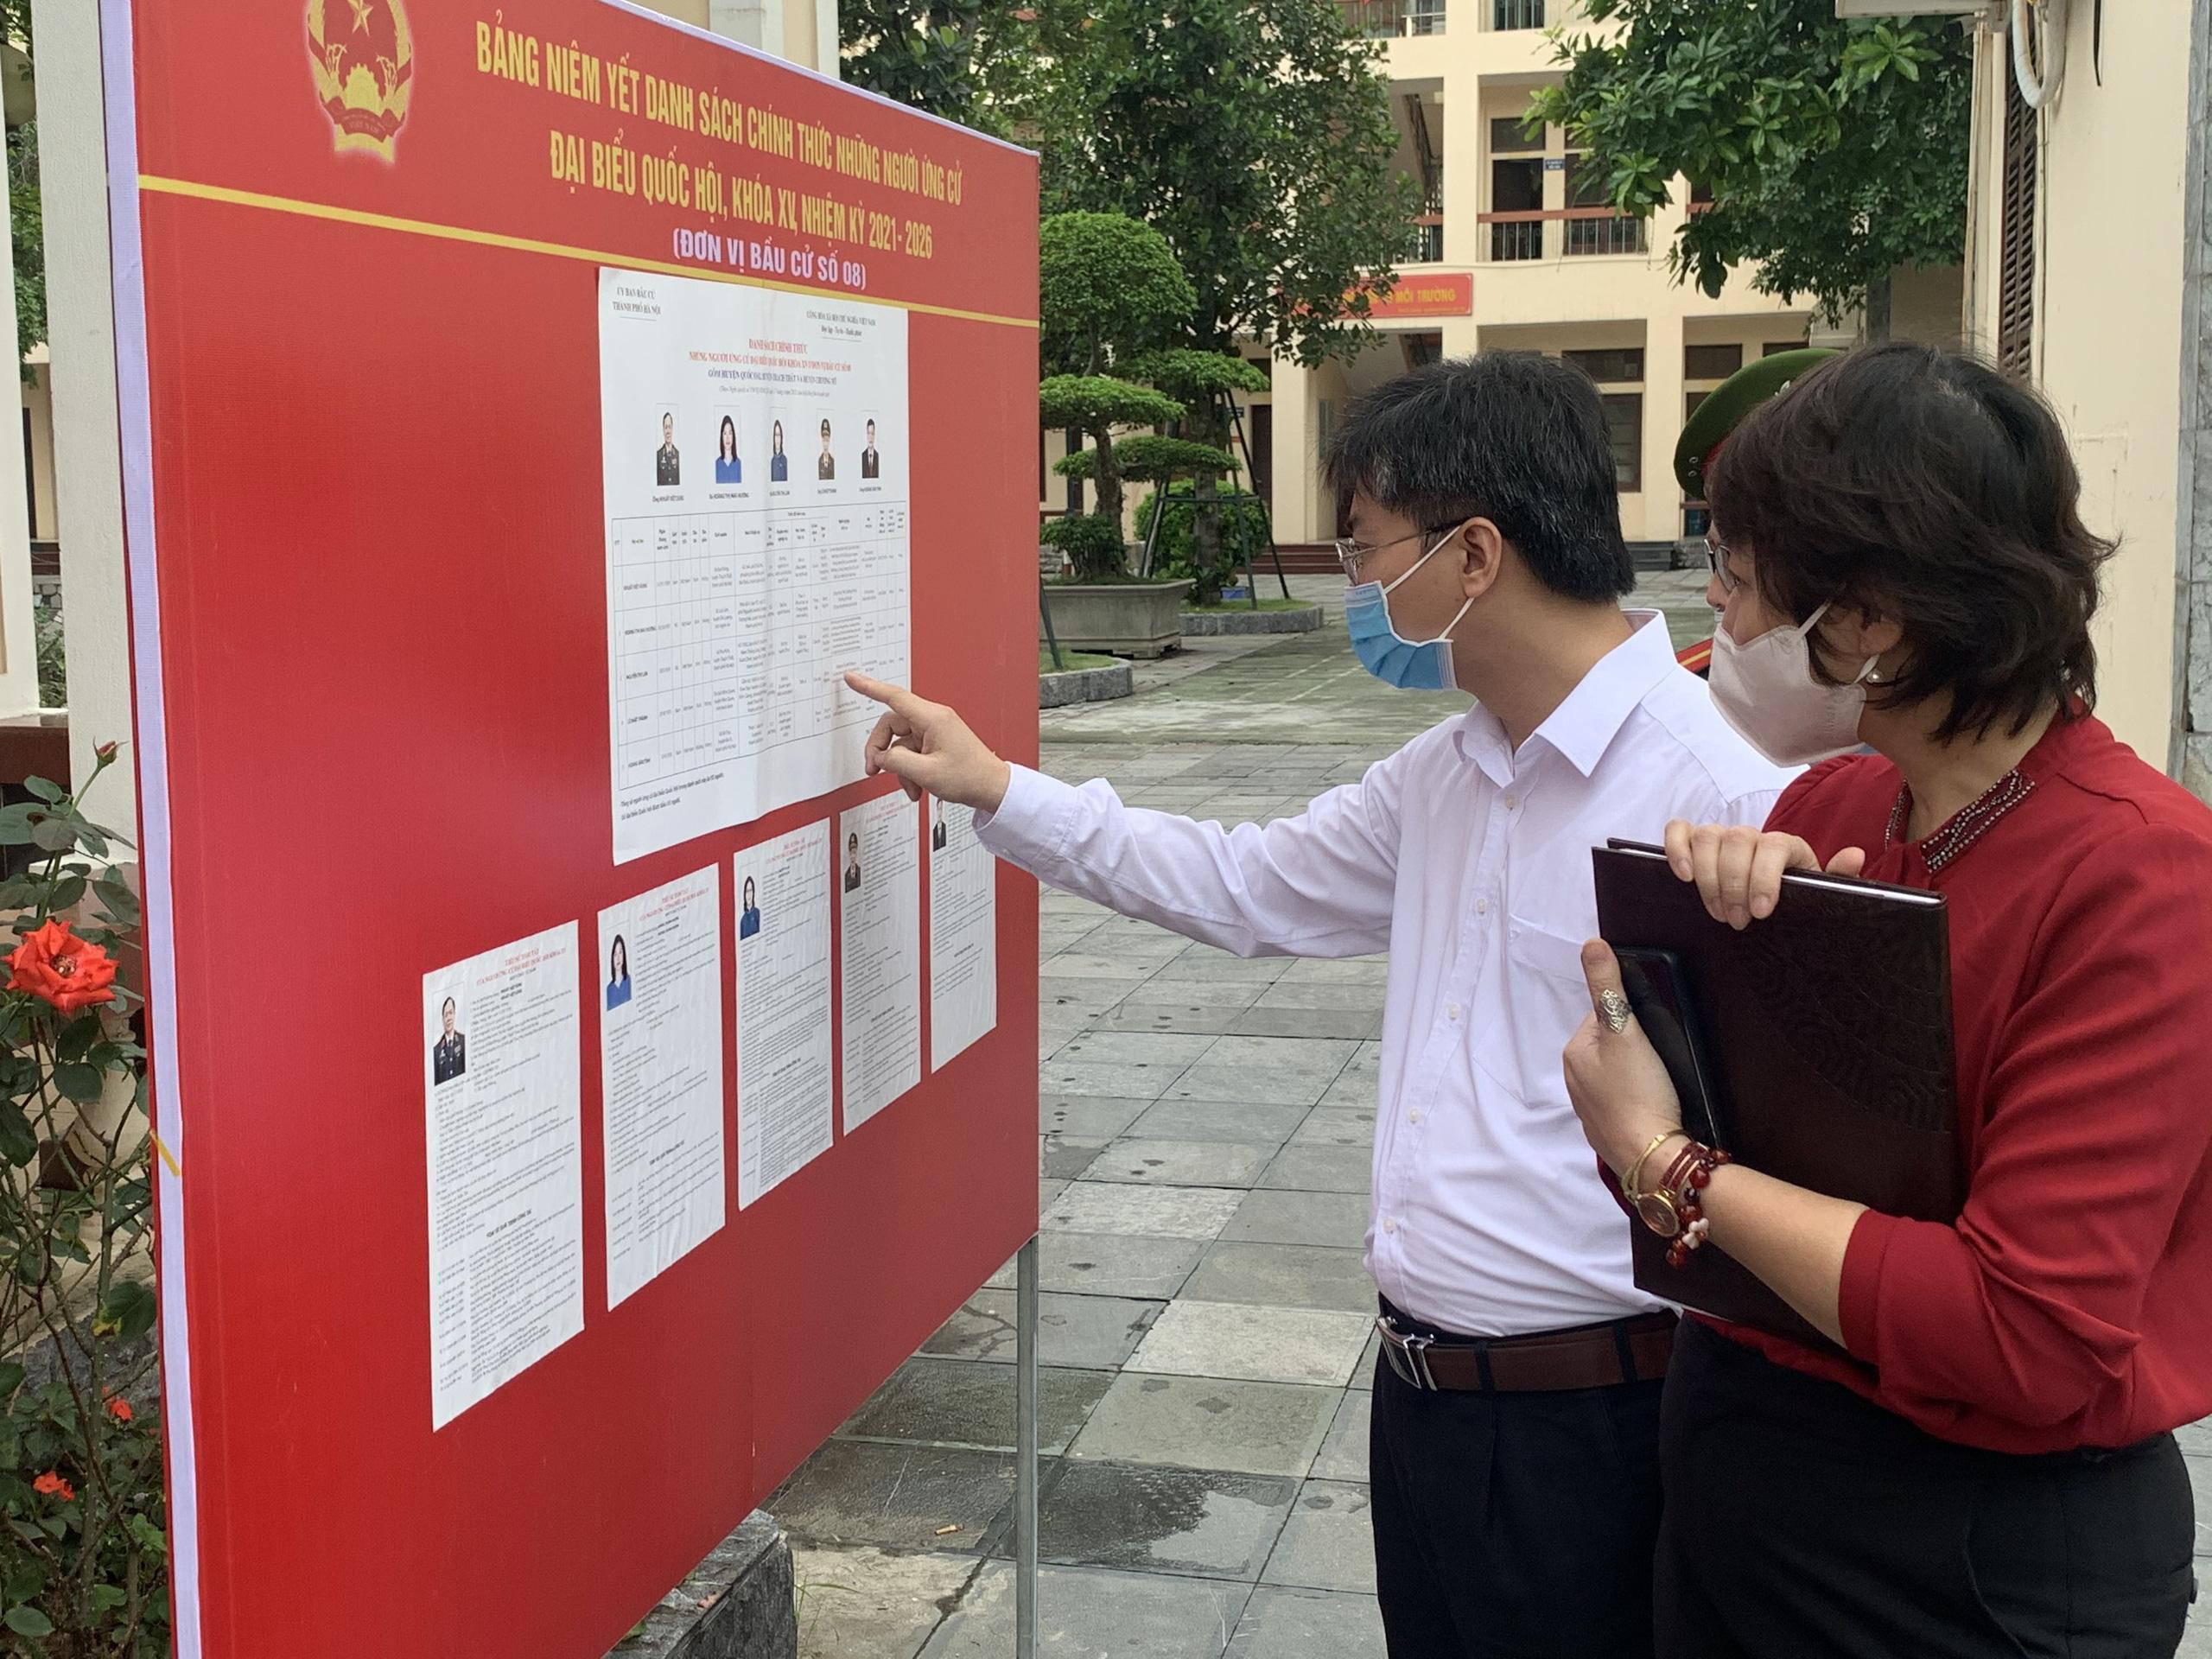 Cử tri Hà Nội chia sẻ với người ứng cử đại biểu Quốc hội khóa XV việc dân không muốn ăn gà mình nuôi - Ảnh 3.